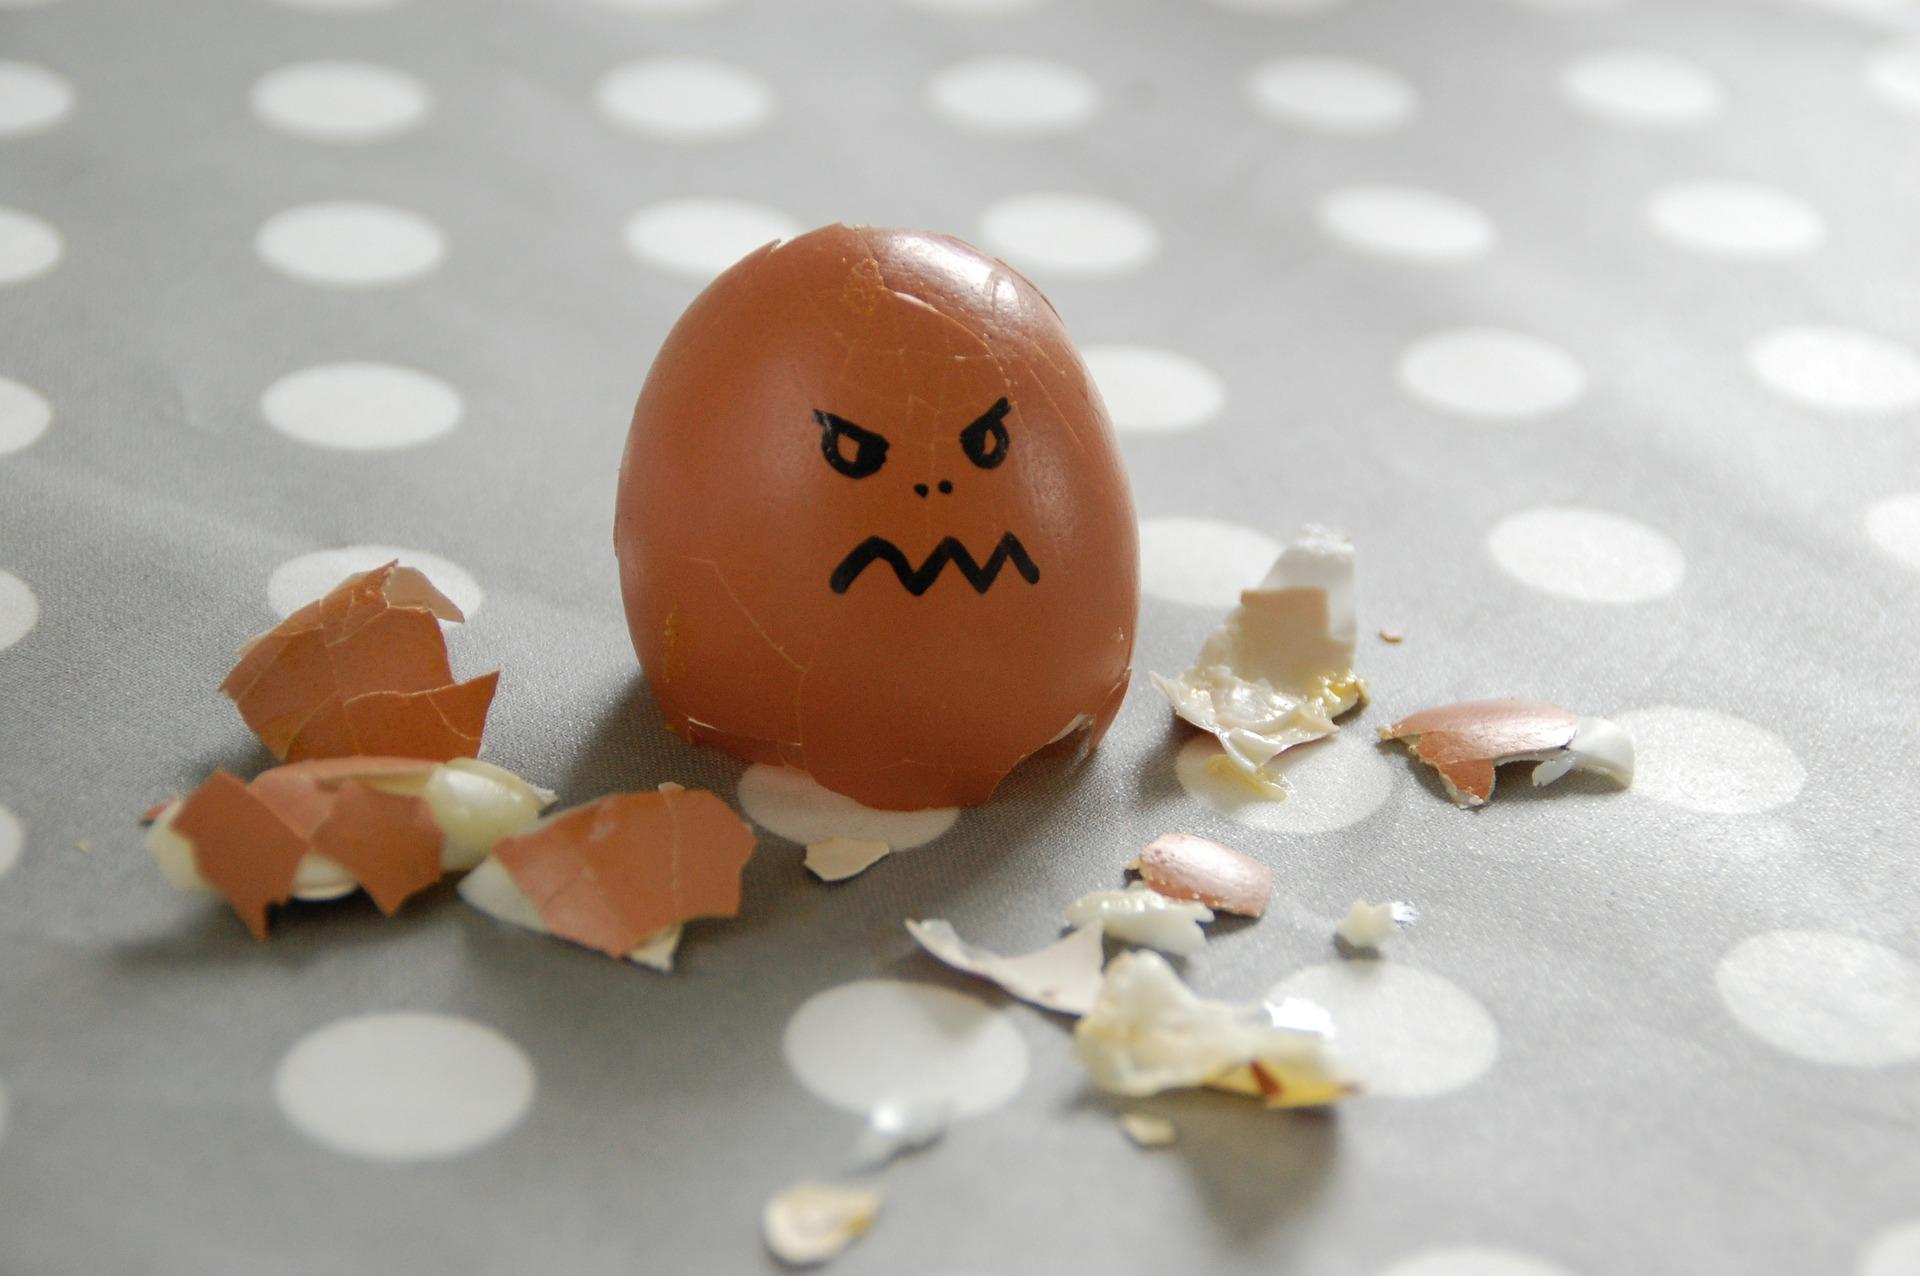 egg-100808_1920_1.jpg